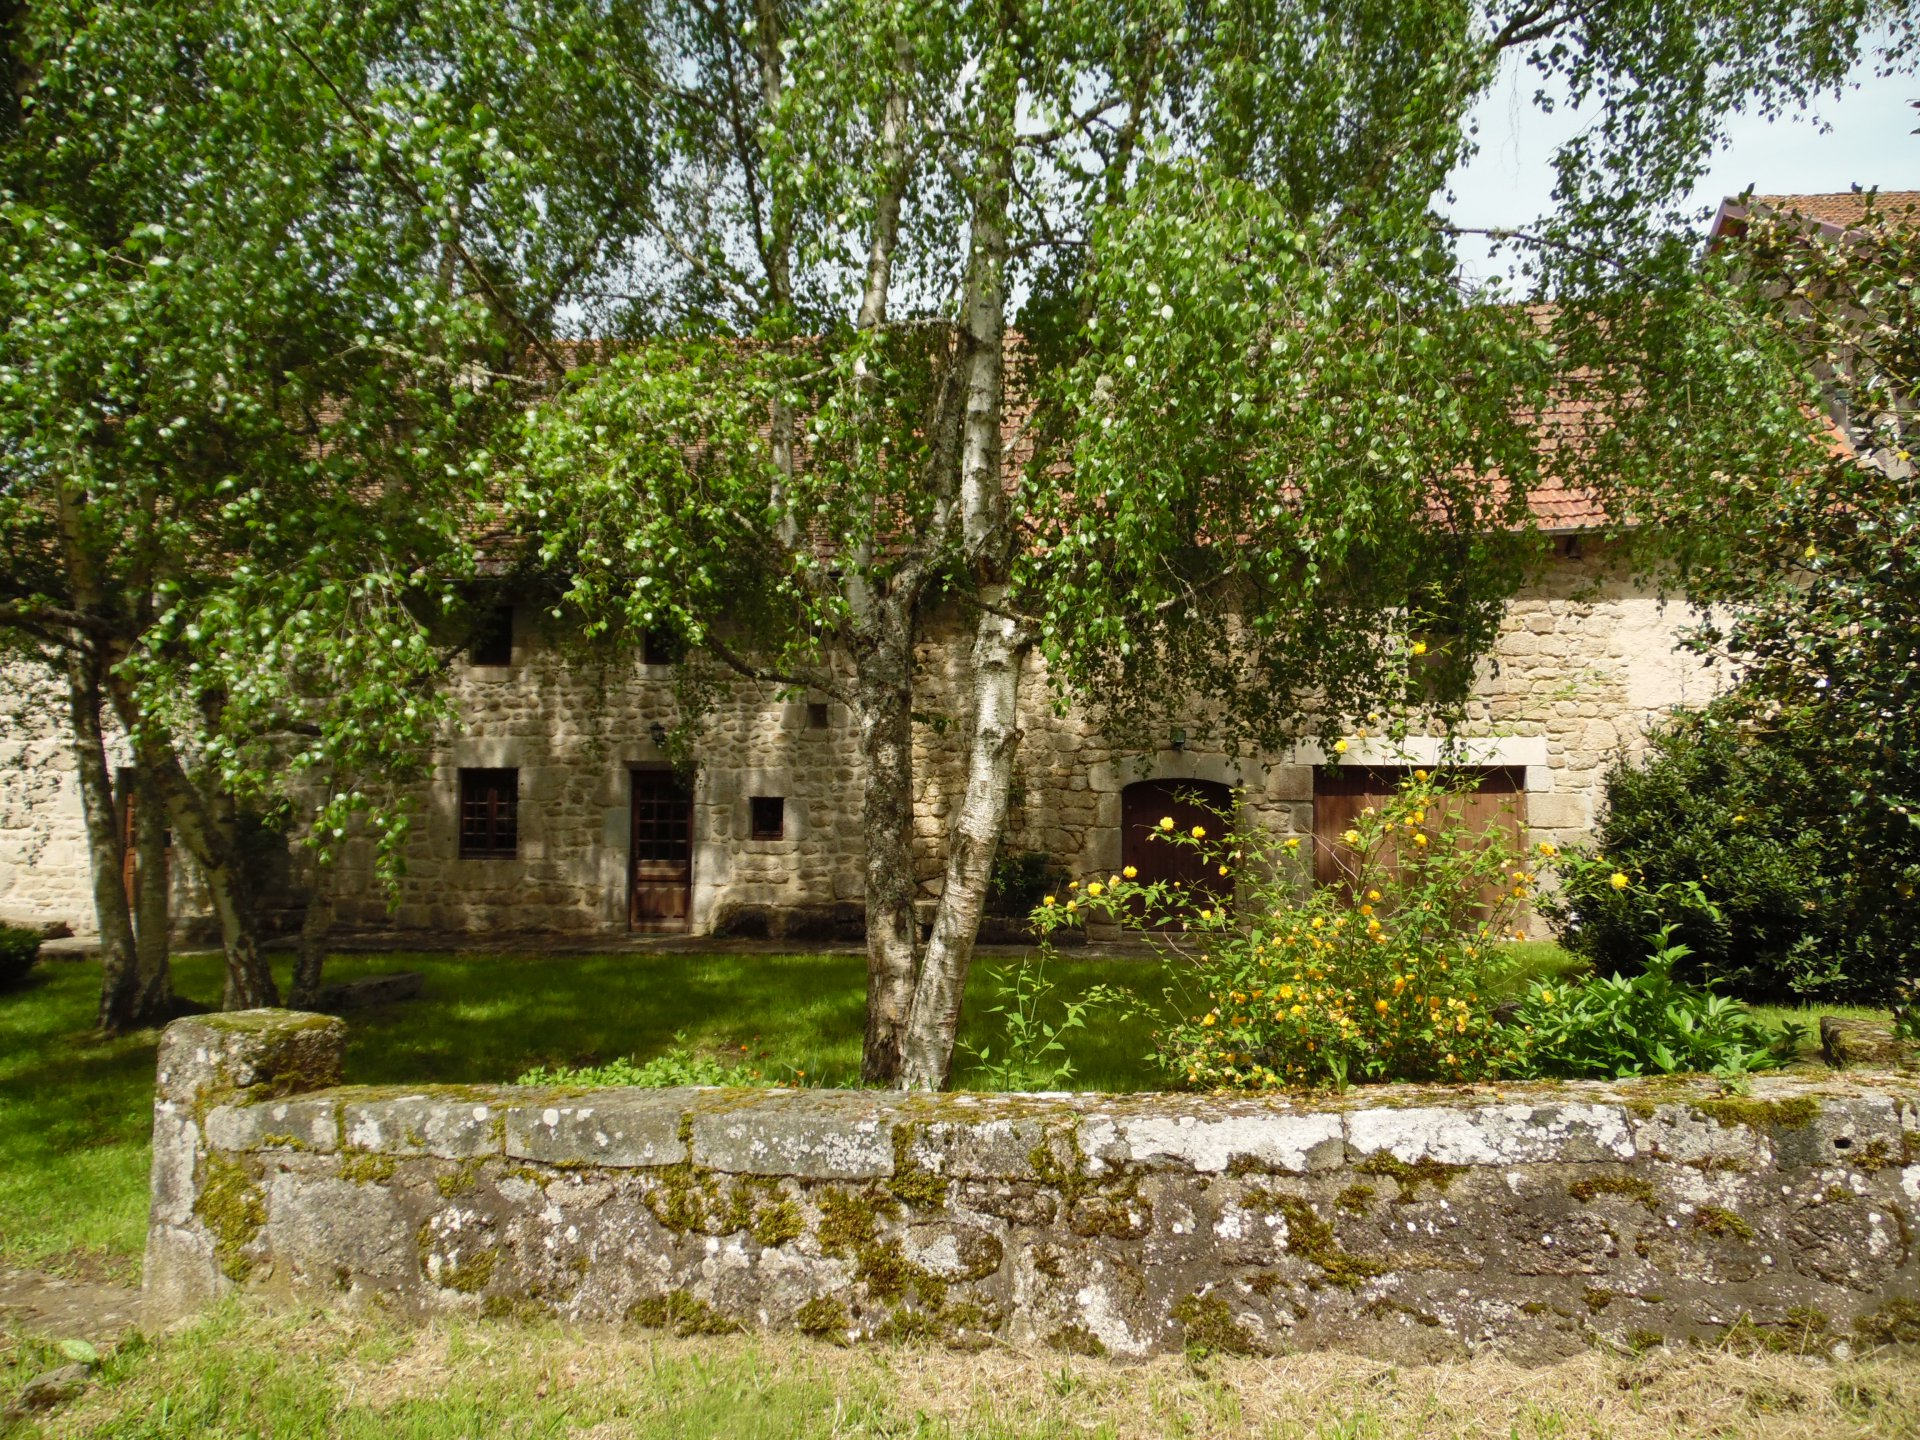 Te koop, prachtig natuurstenen huis met garage, schuur en terrein.